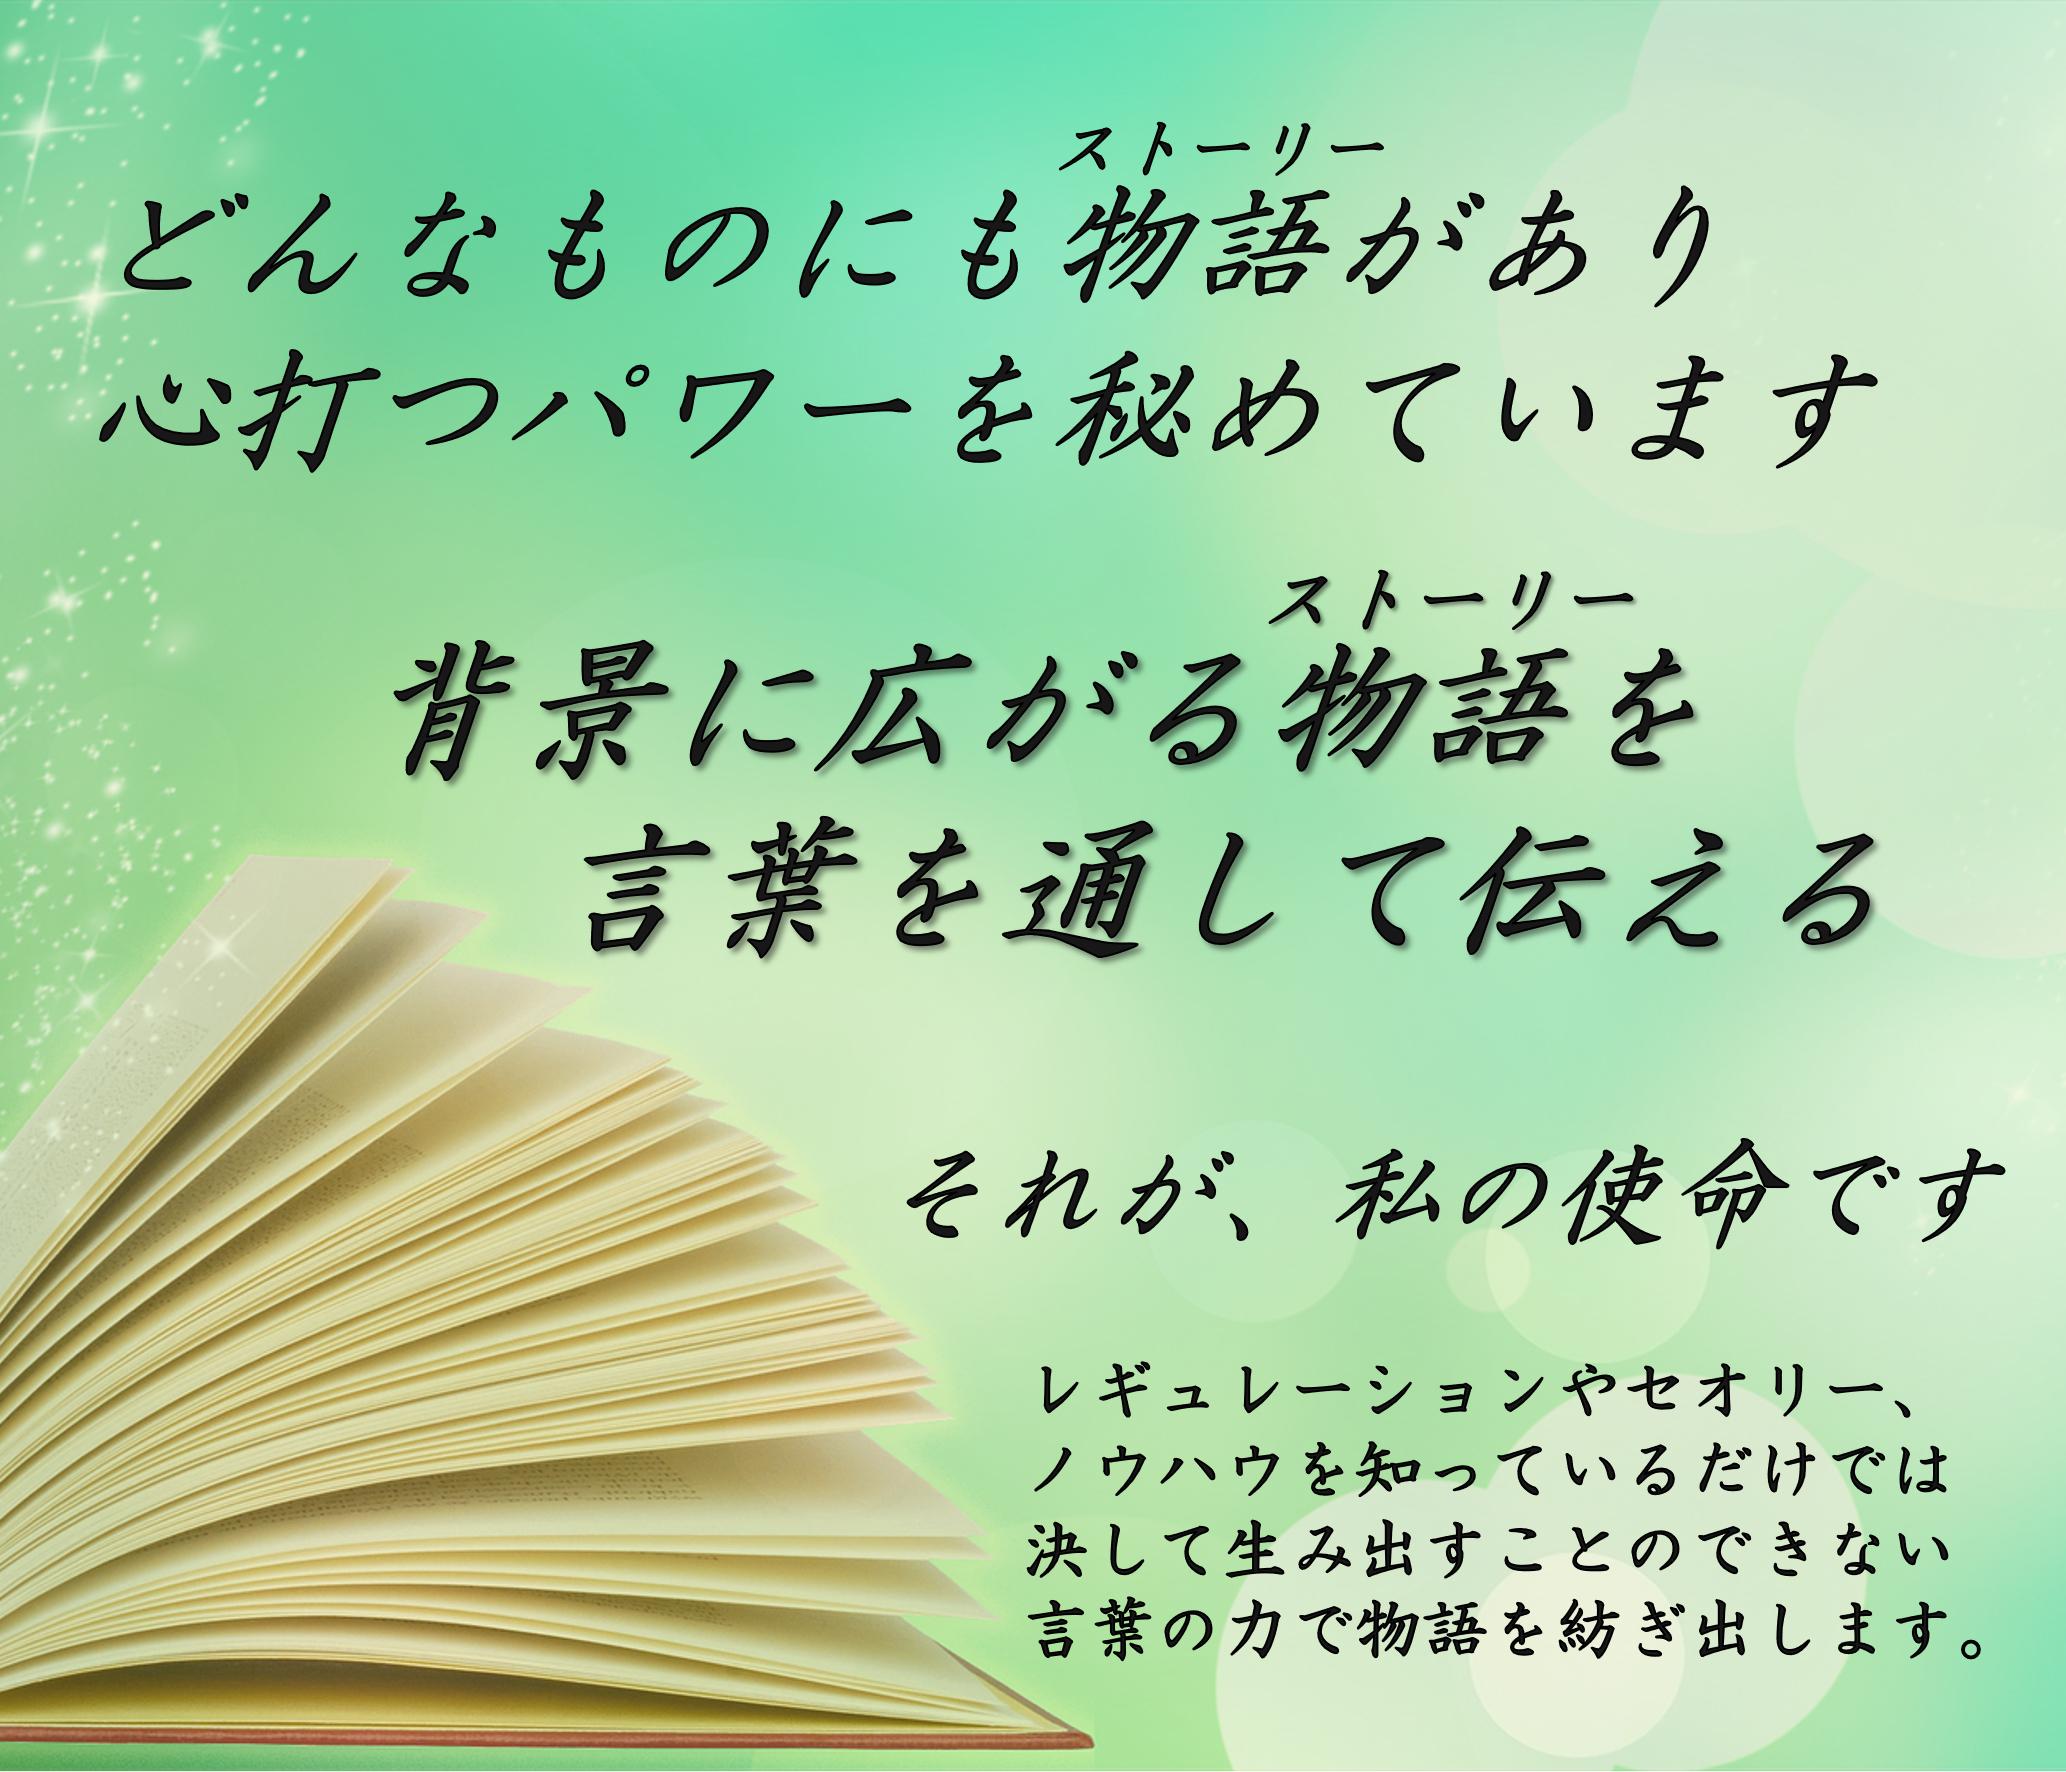 ストーリー-2.png